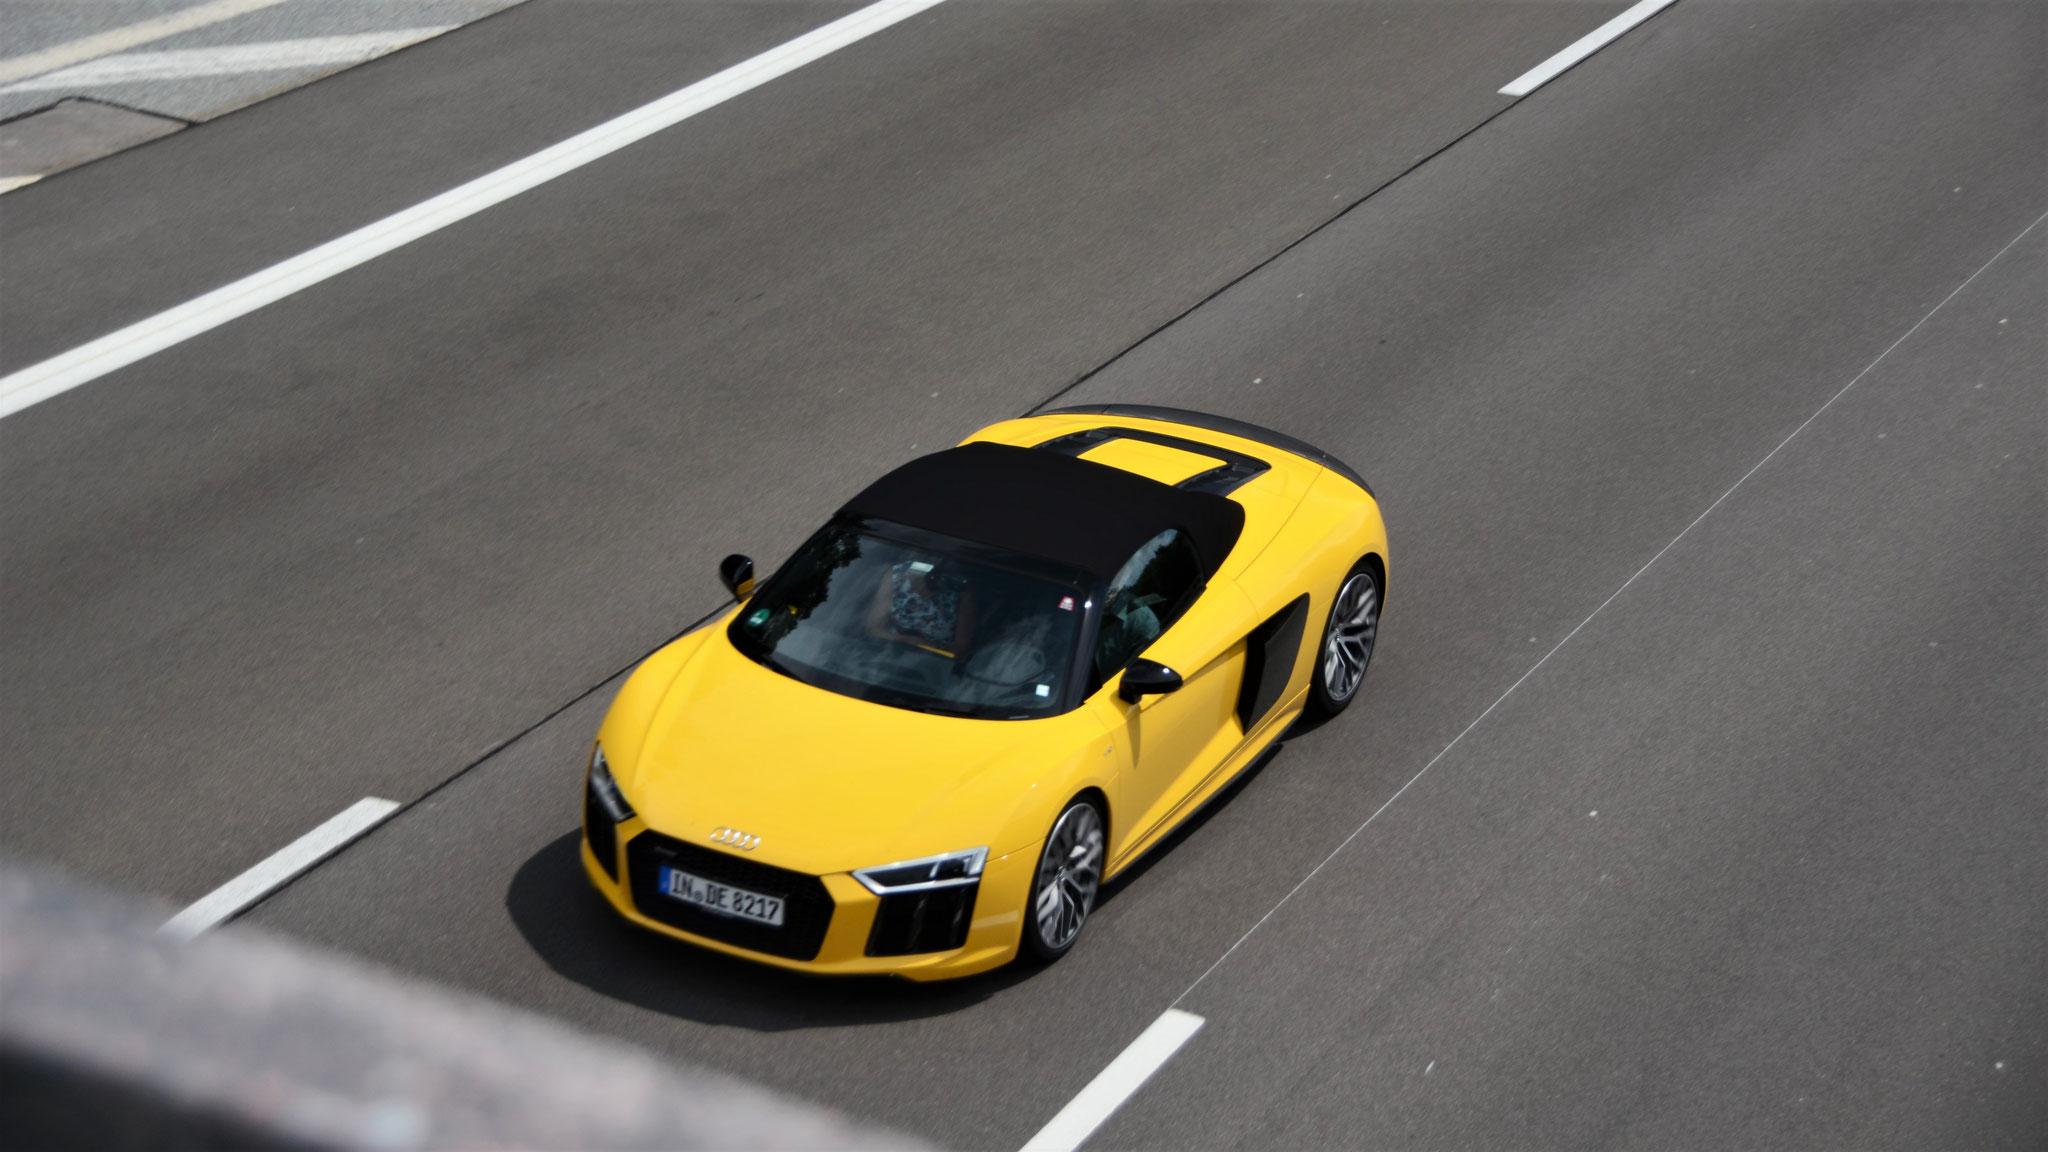 Audi R8 V10 Spyder - IN-DE-8217